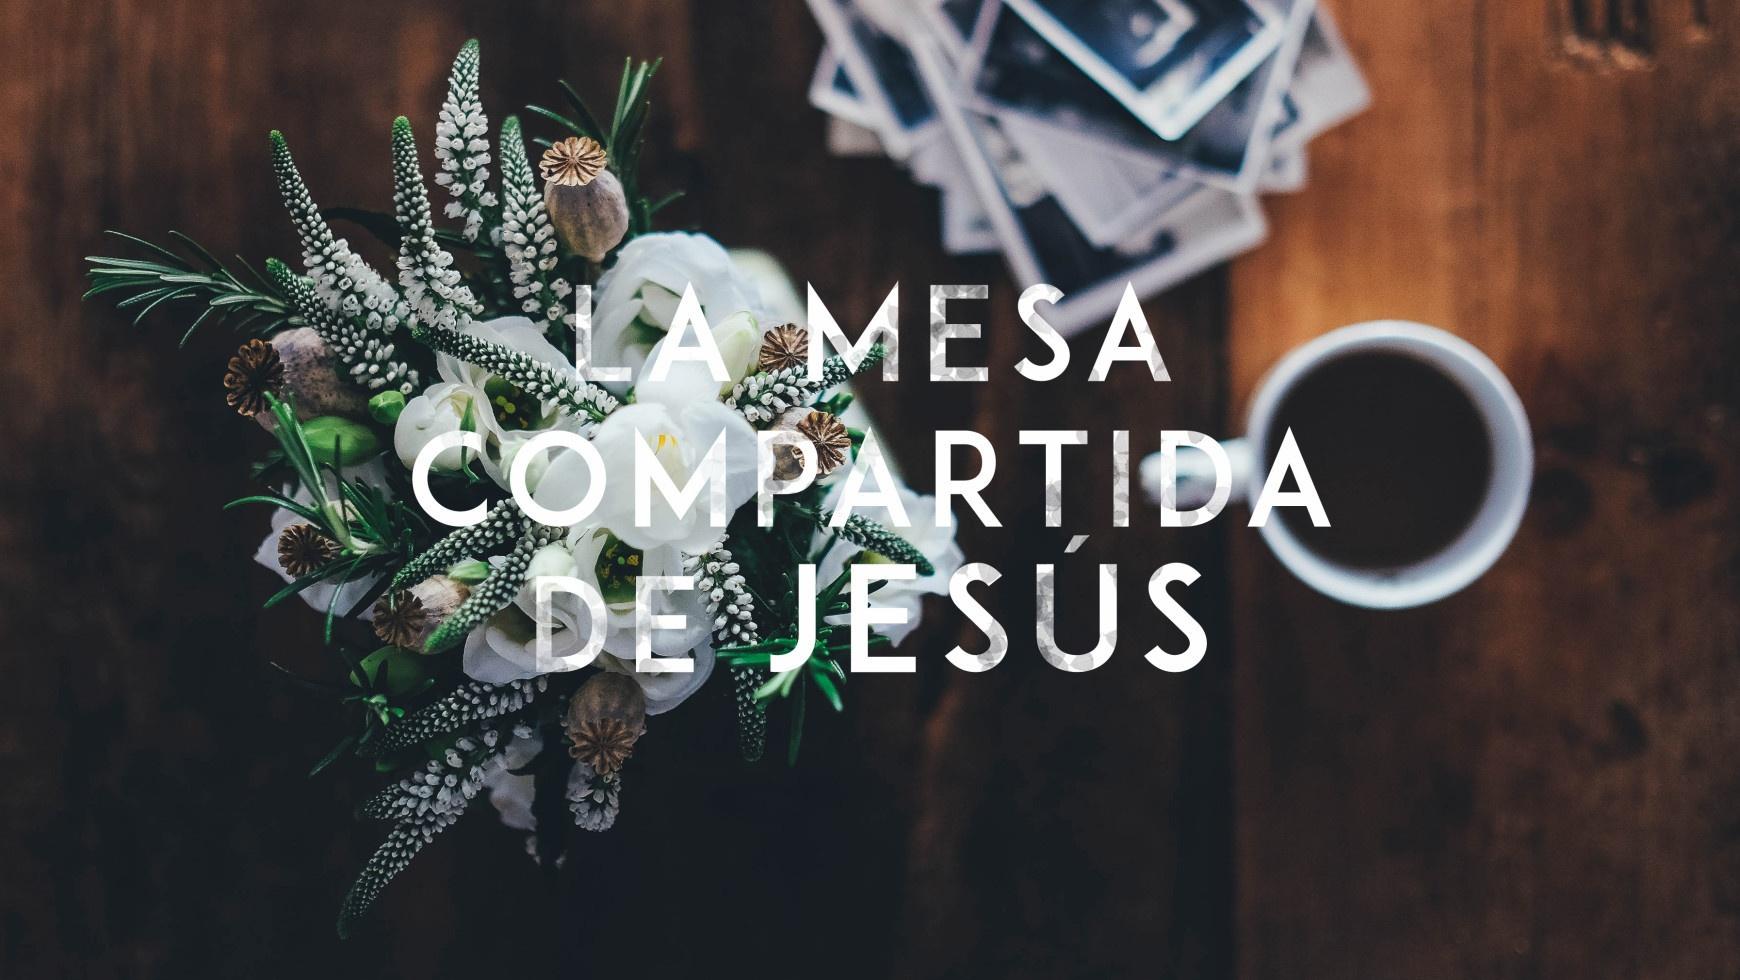 La mesa compartida de Jesús